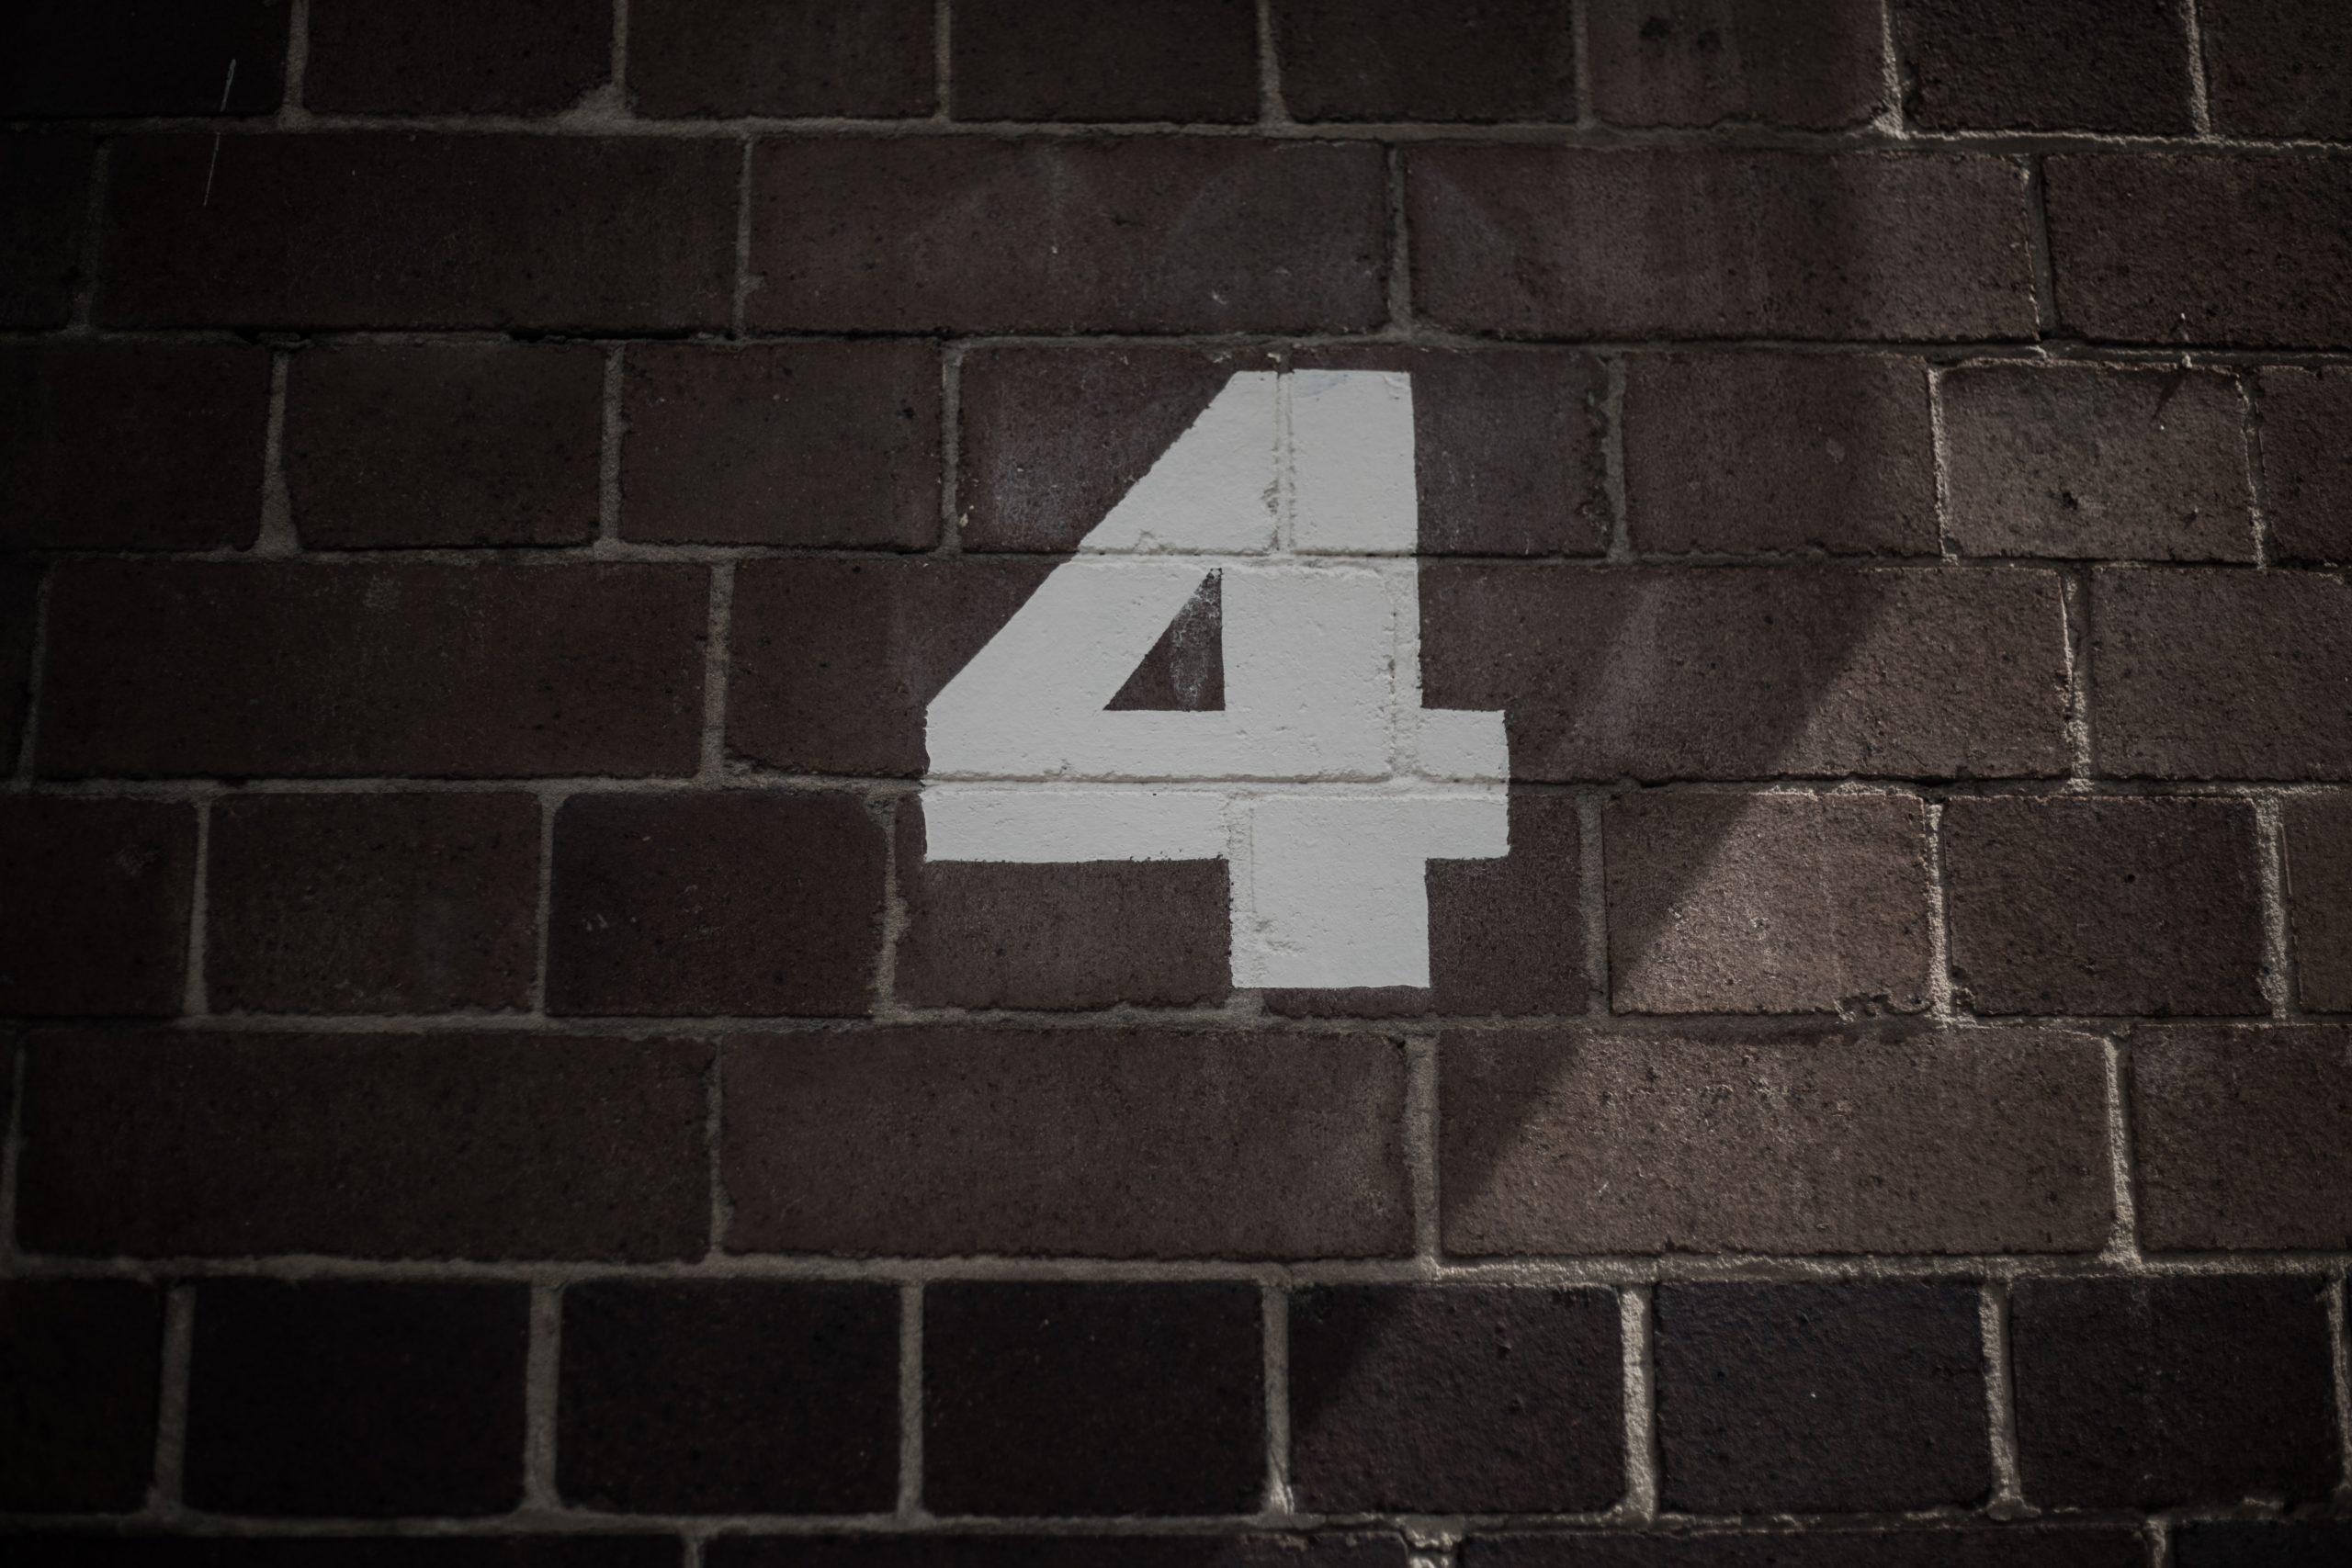 メタディスクリプションの書き方4つのポイント